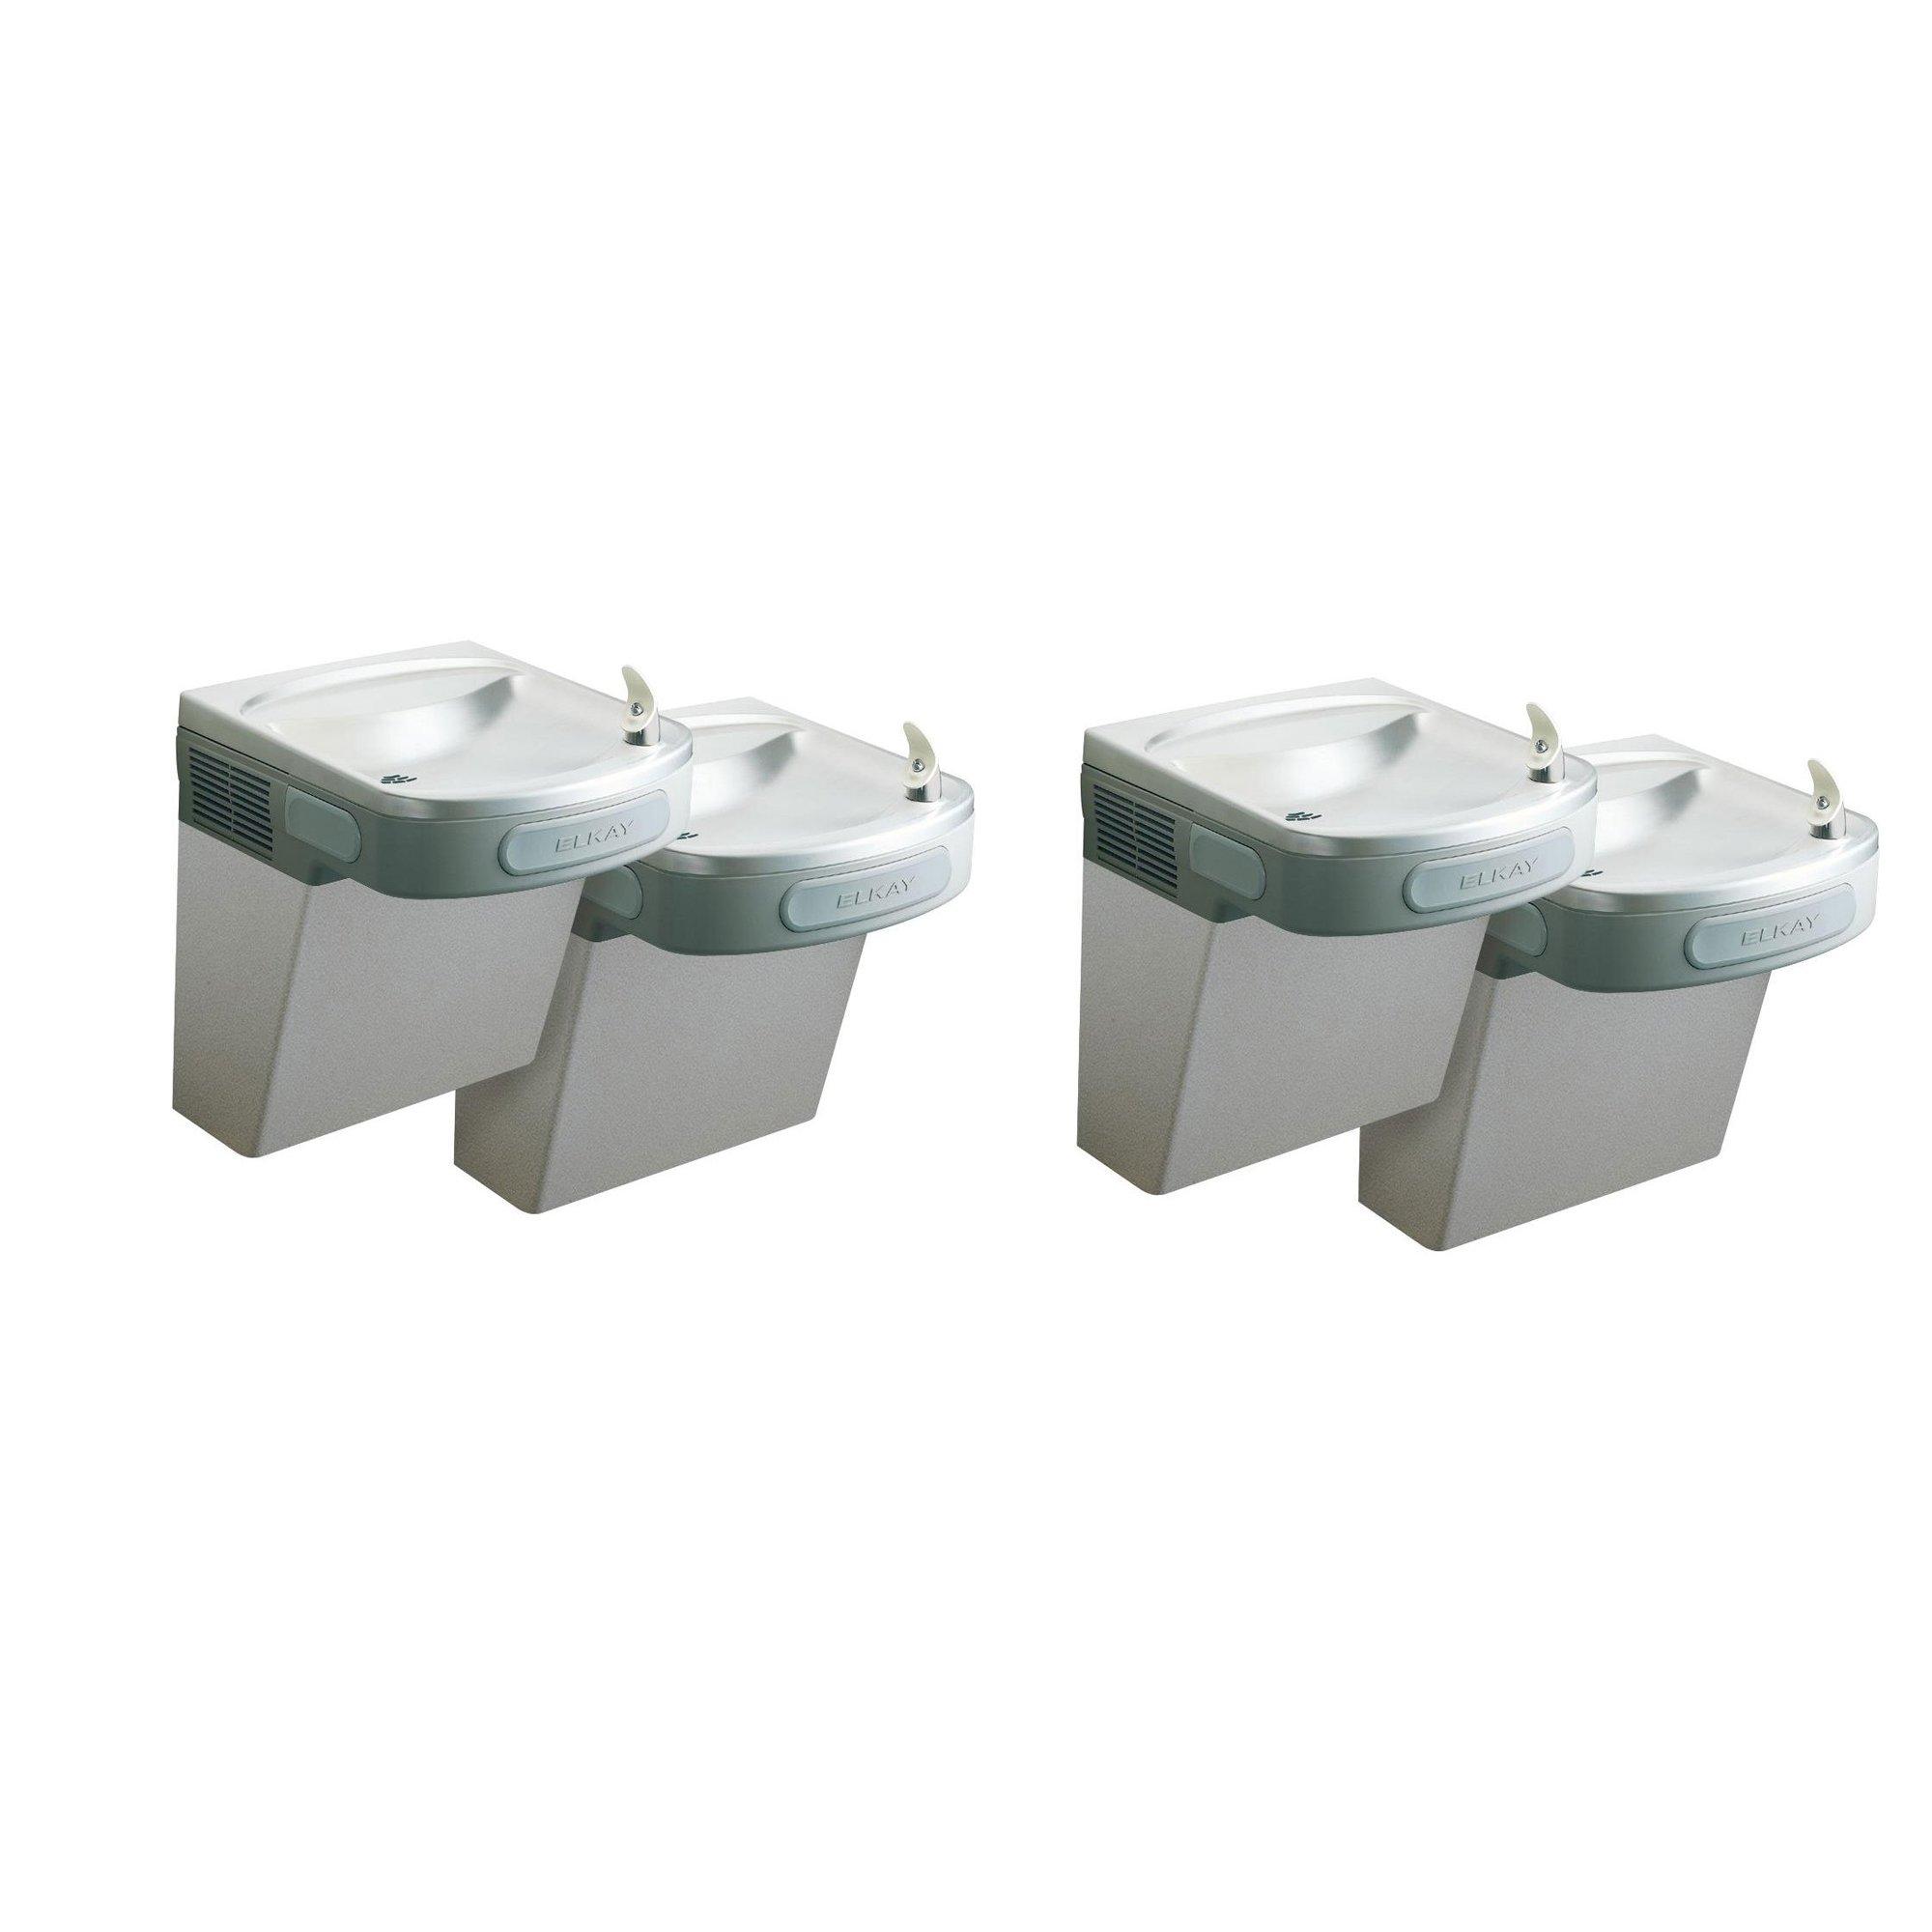 Elkay Wall Mount Bi Level Versatile 8 GPH Indoor Water Cooler Fountain (2 Pack)